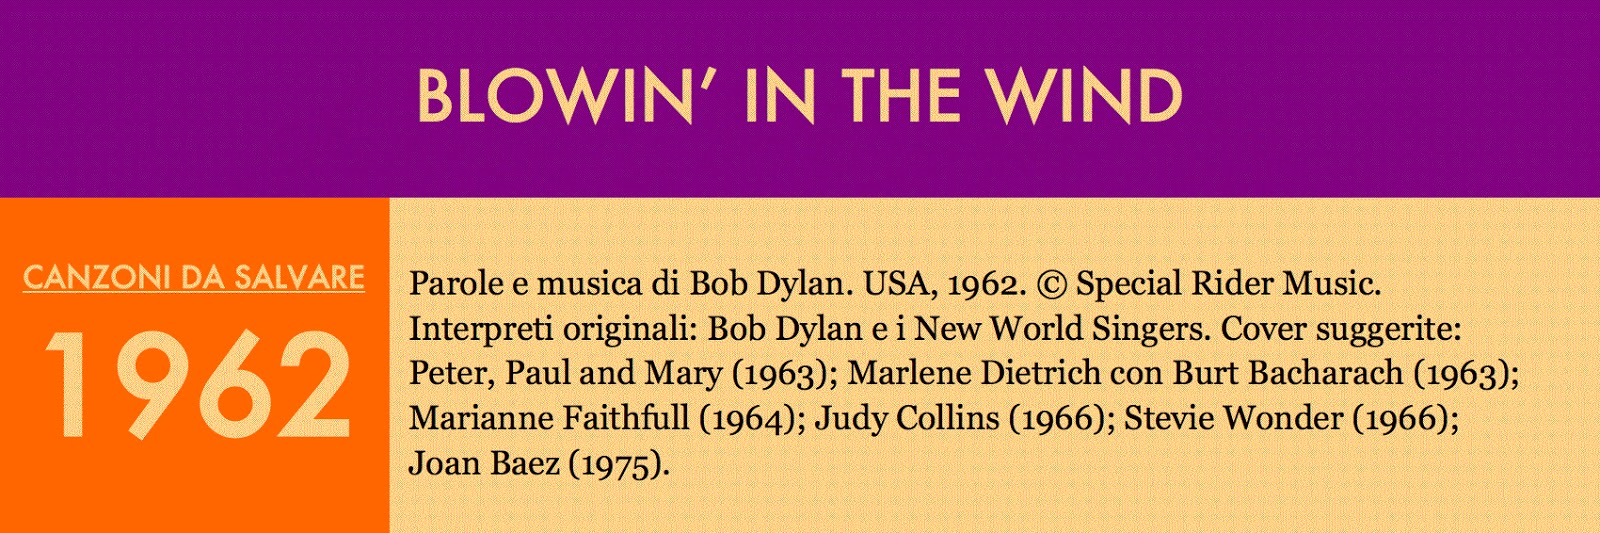 6d339918fb Bob Dylan. Quando gli è stato conferito il Nobel per la letteratura, in  molti si sono domandati se sia legittimo considerare poesia i versi delle  canzoni.